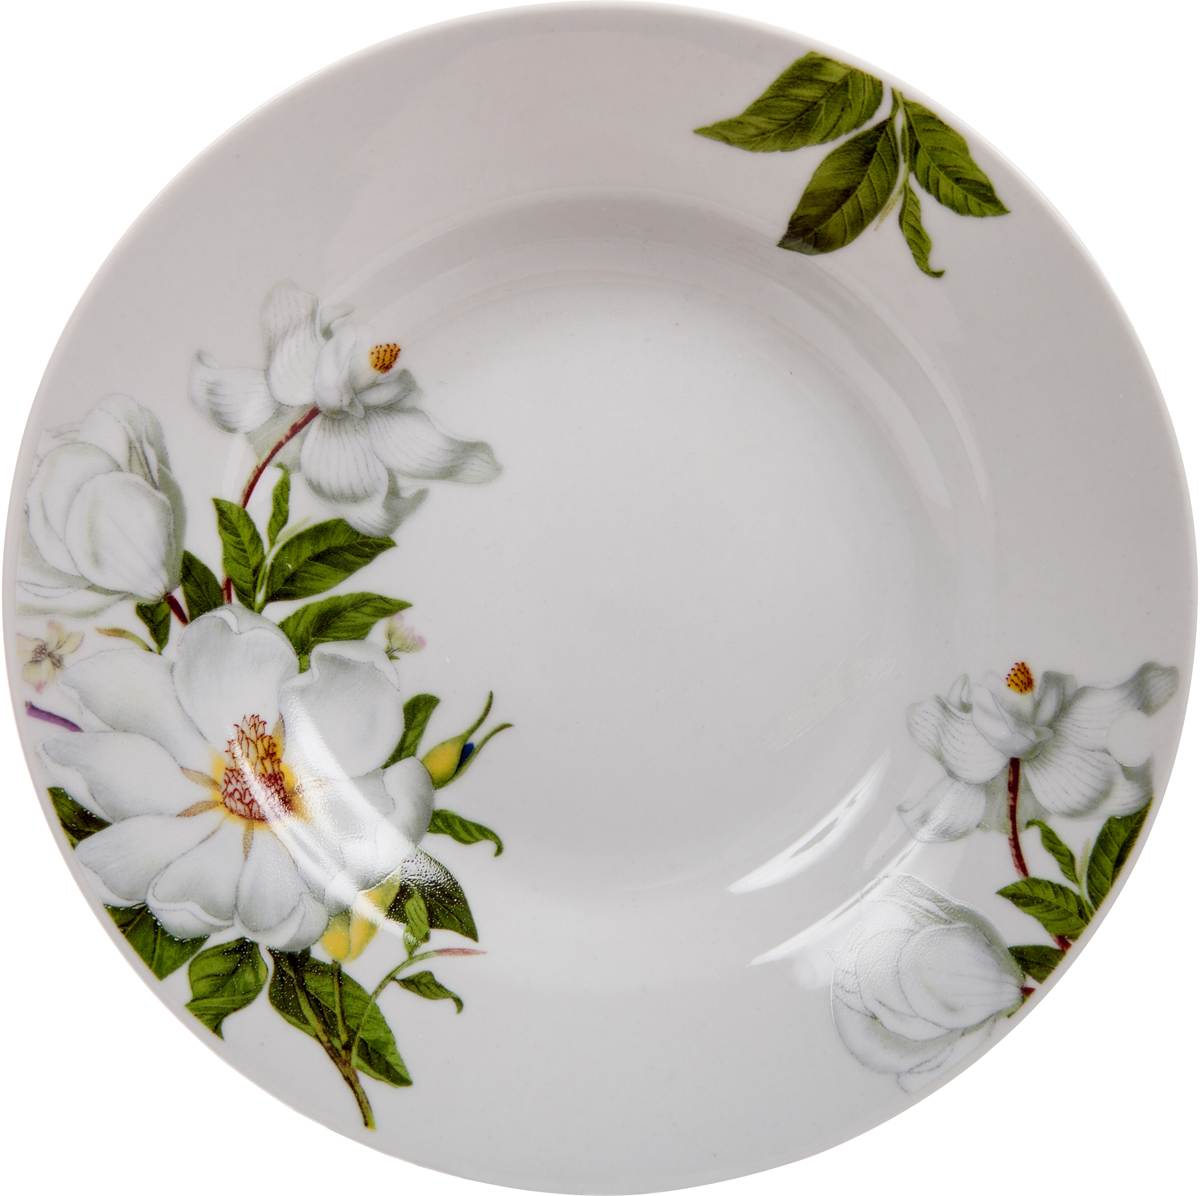 """Тарелка Dasen """"Лазурный орнамент"""" изготовлена из высококачественного фарфора. Предназначена для красивой подачи различных блюд. Изделие декорировано изящным рисунком. Такая тарелка украсит сервировку стола и подчеркнет прекрасный вкус хозяйки. Она дополнит коллекцию вашей кухонной посуды и будет служить долгие годы.  Можно мыть в посудомоечной машине и использовать в СВЧ."""